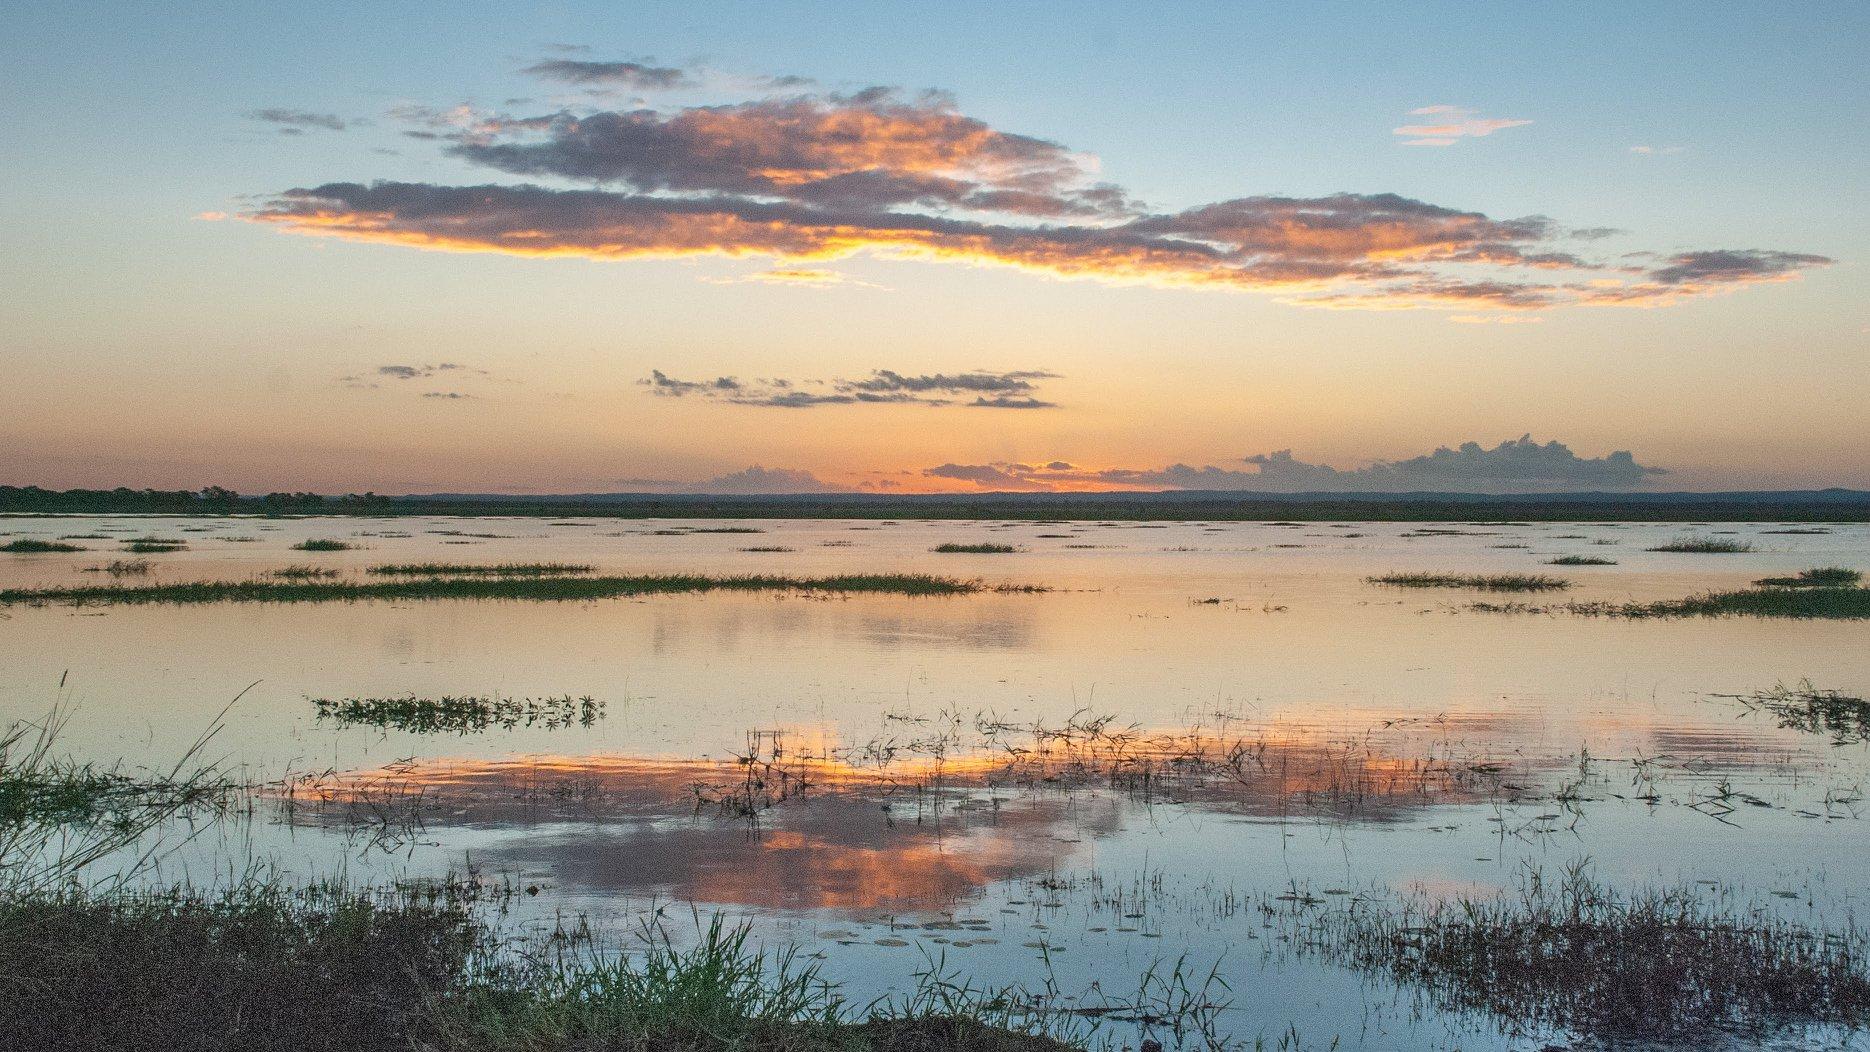 Gorongosa National Park landscape